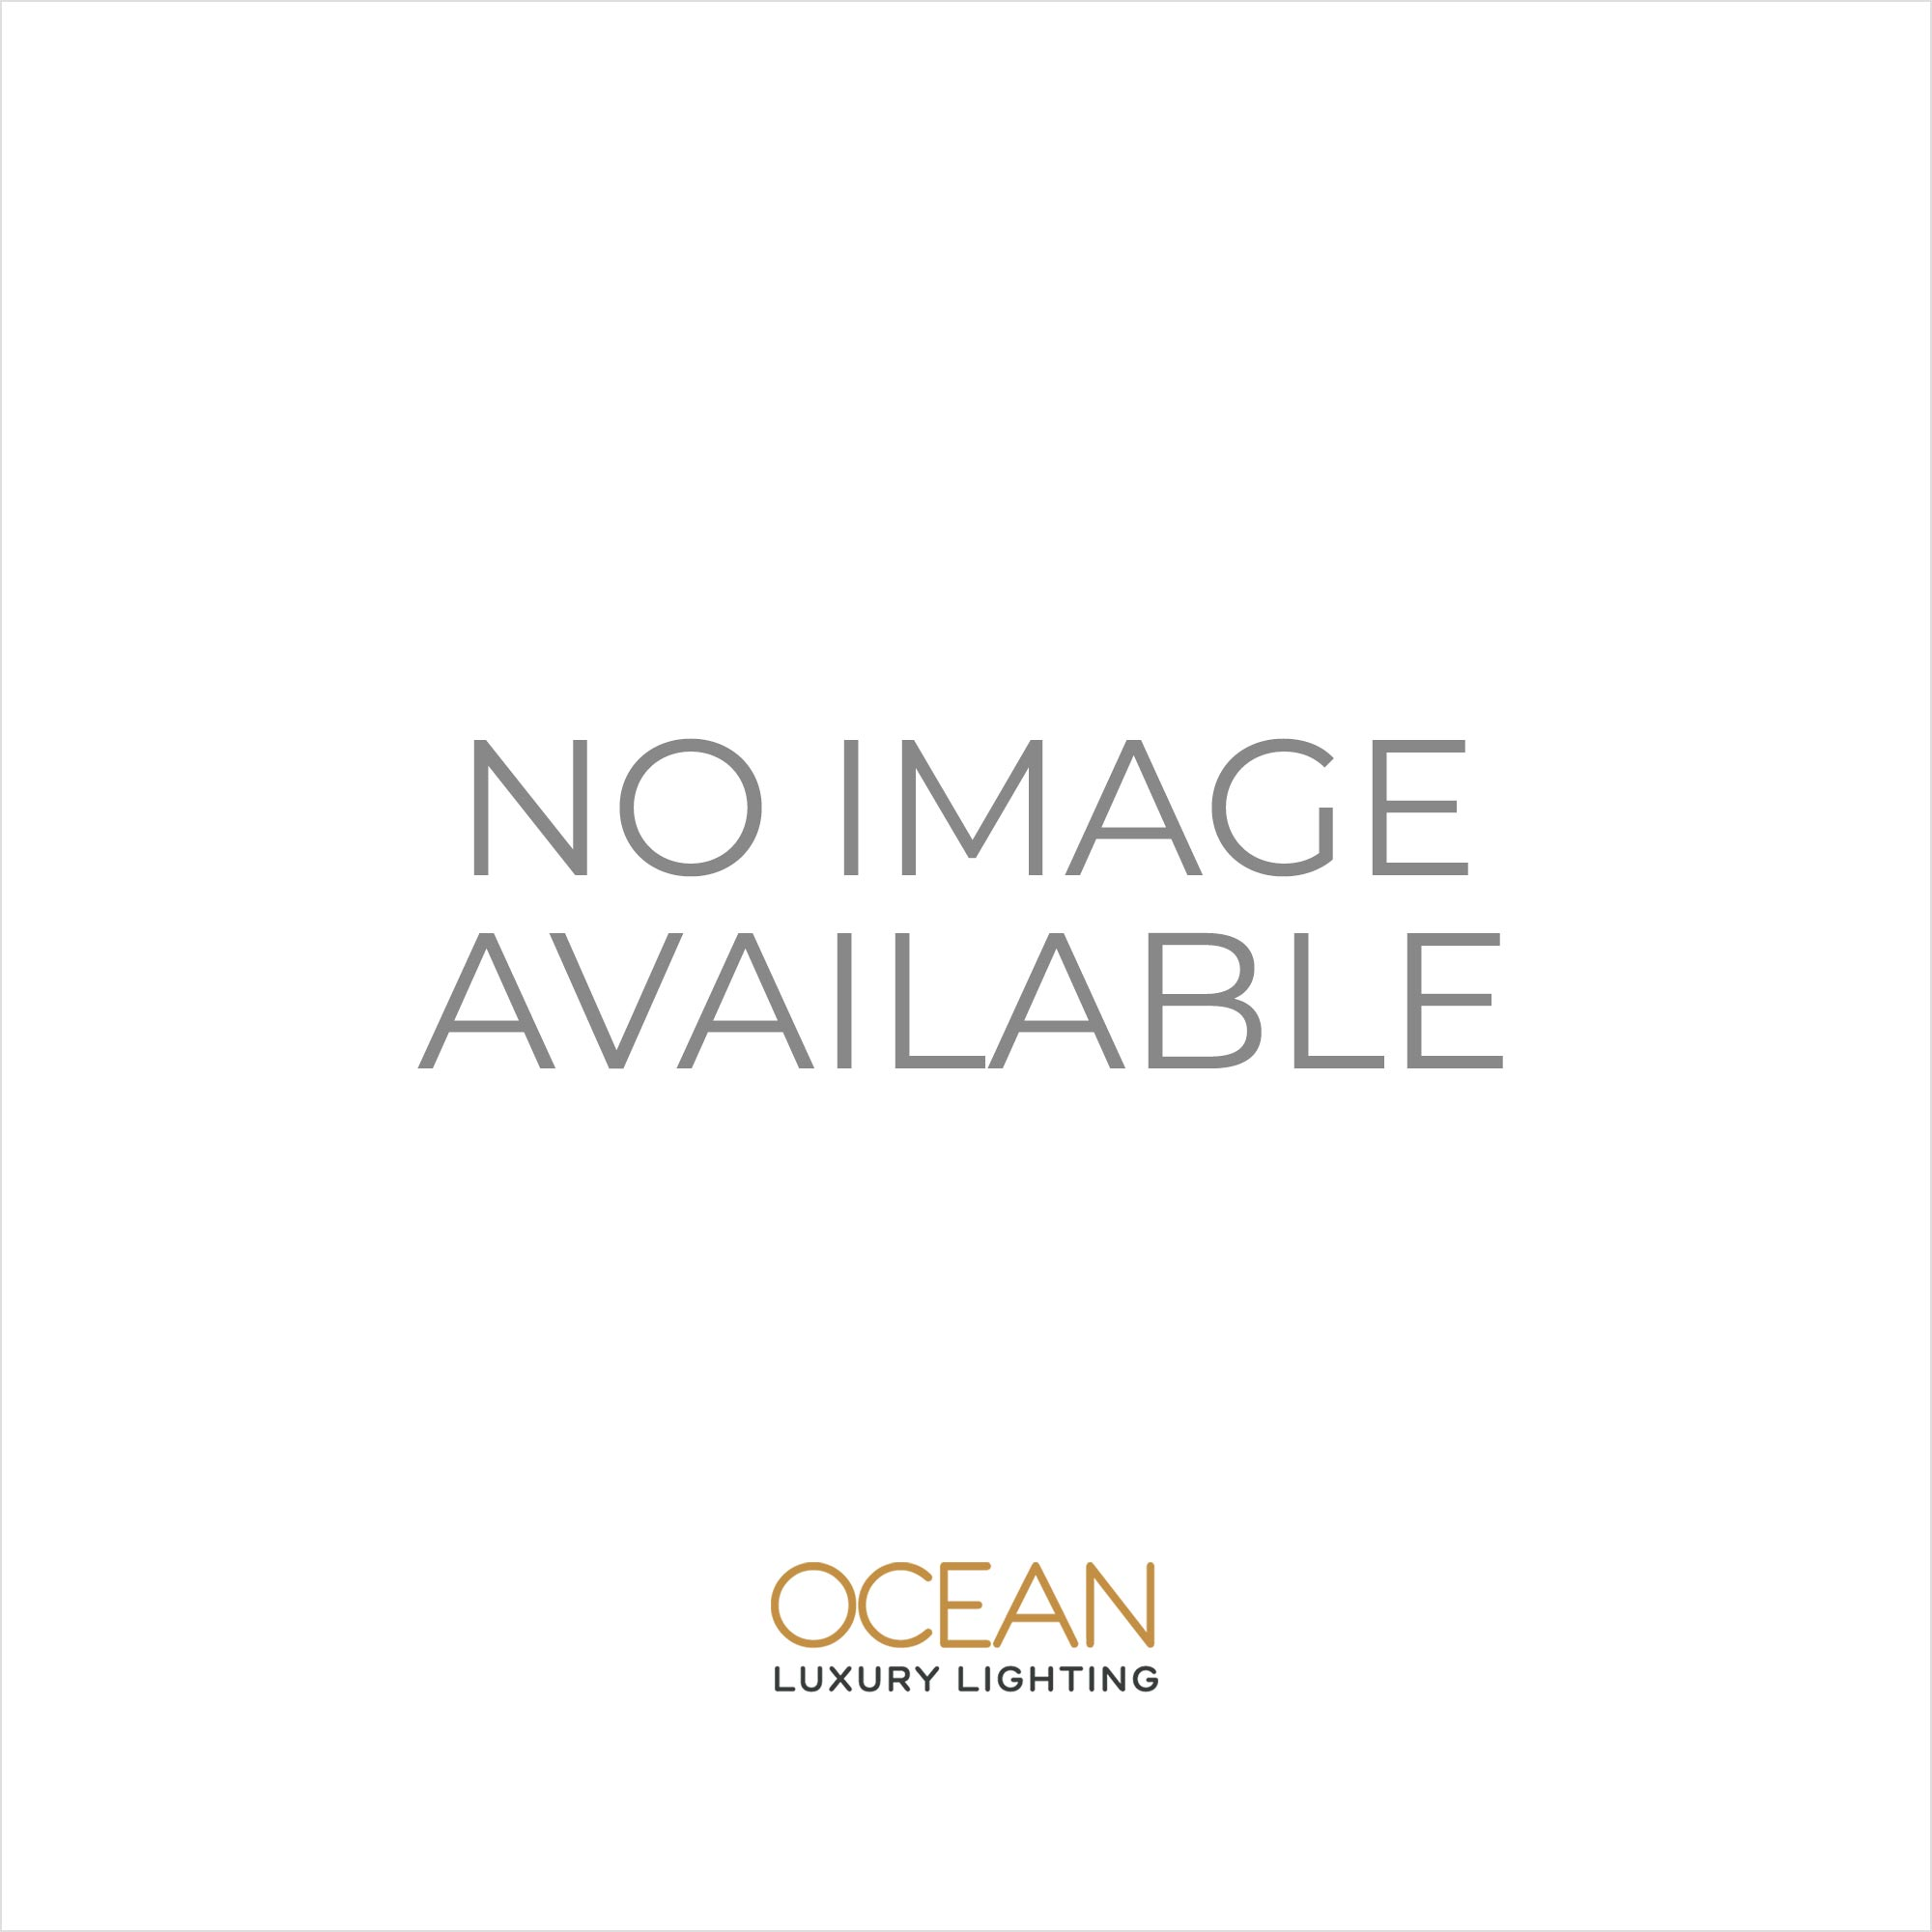 Dar Dar Bur0650 Bureau 6 Light Modern Ceiling Light Flush